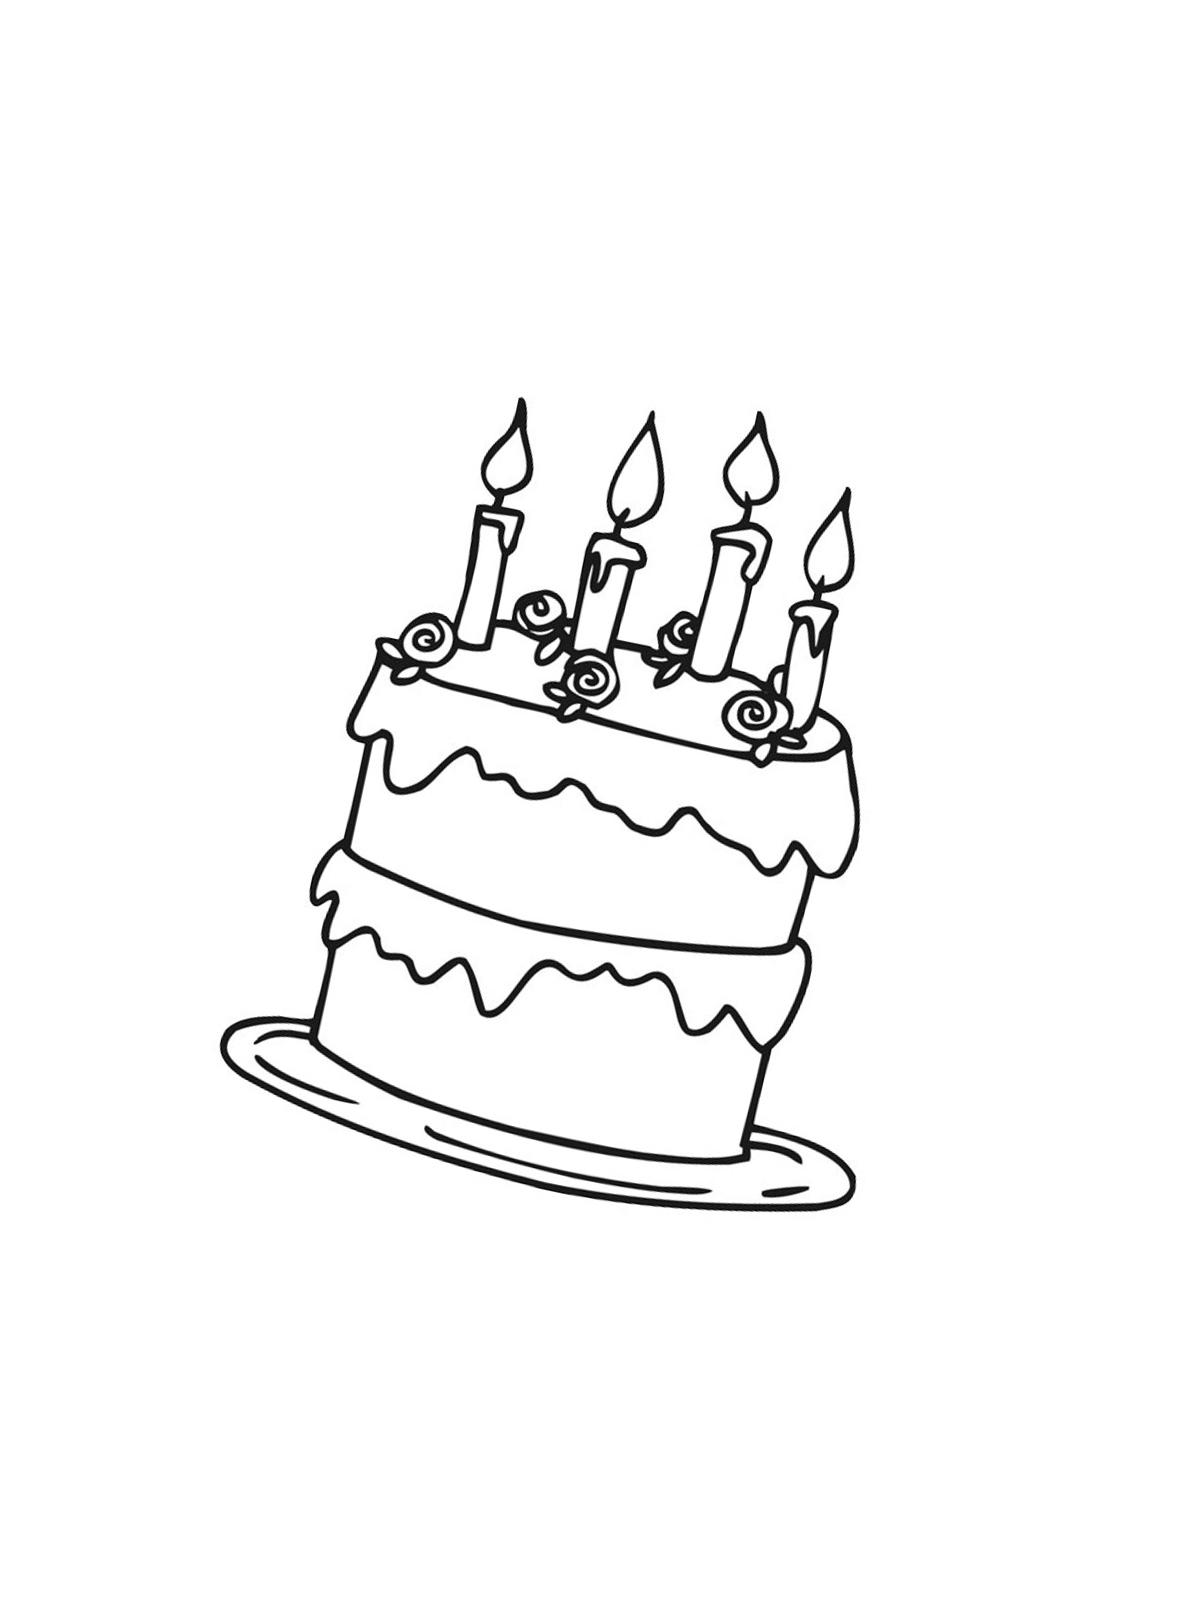 Ausmalbilder Geburtstag 13 : Ausmalbilder Malvorlagen Zum Geburtstag Kostenlos Zum Ausdrucken